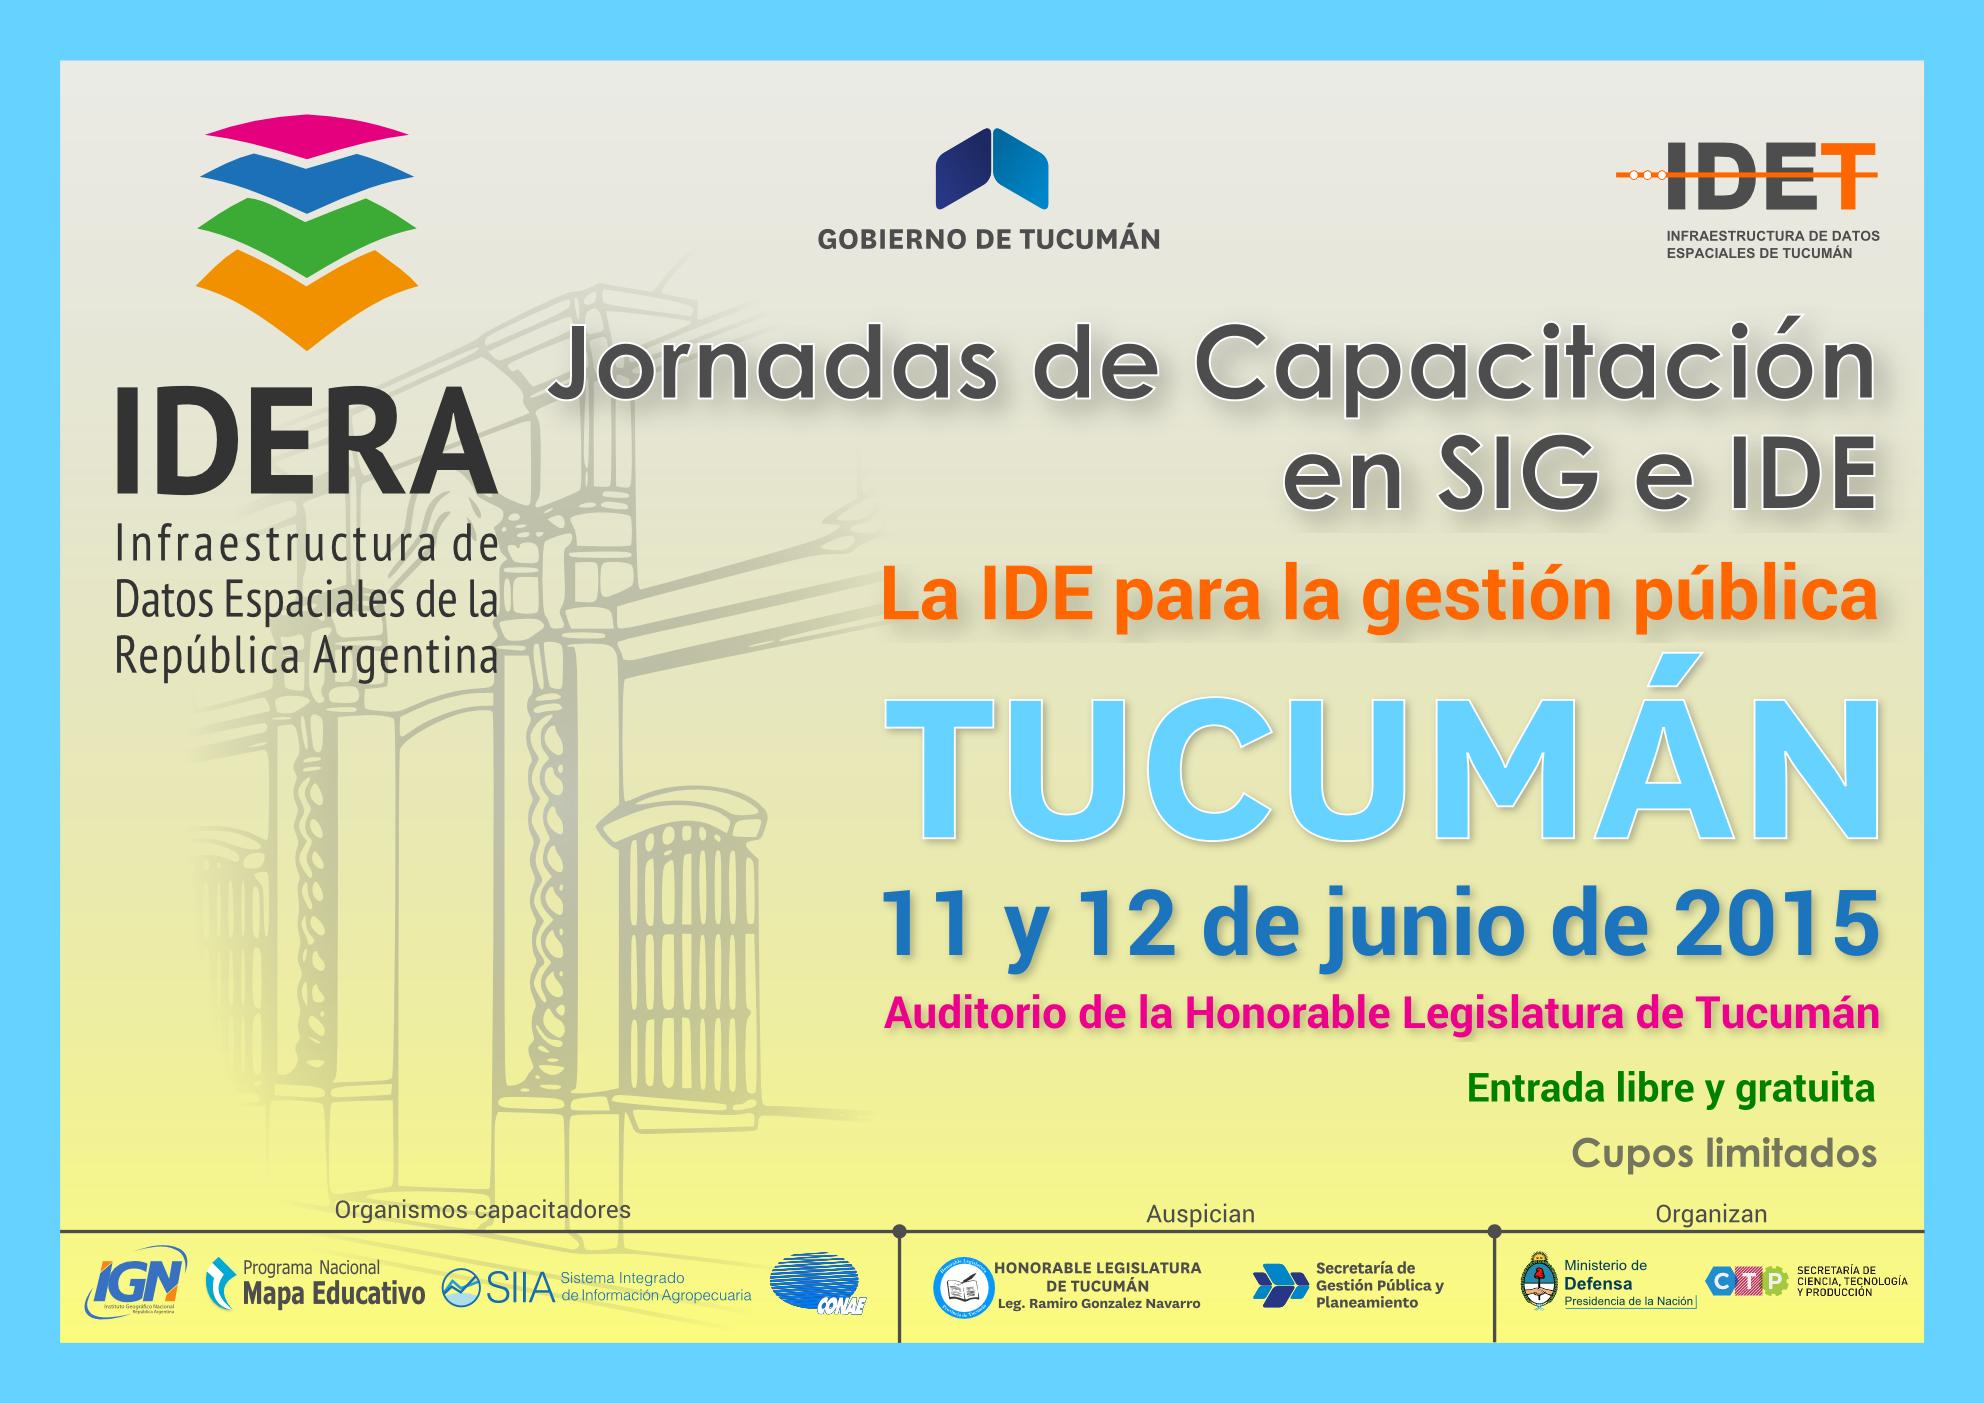 Jornadas de Capacitación en SIG e IDE - Tucumán.